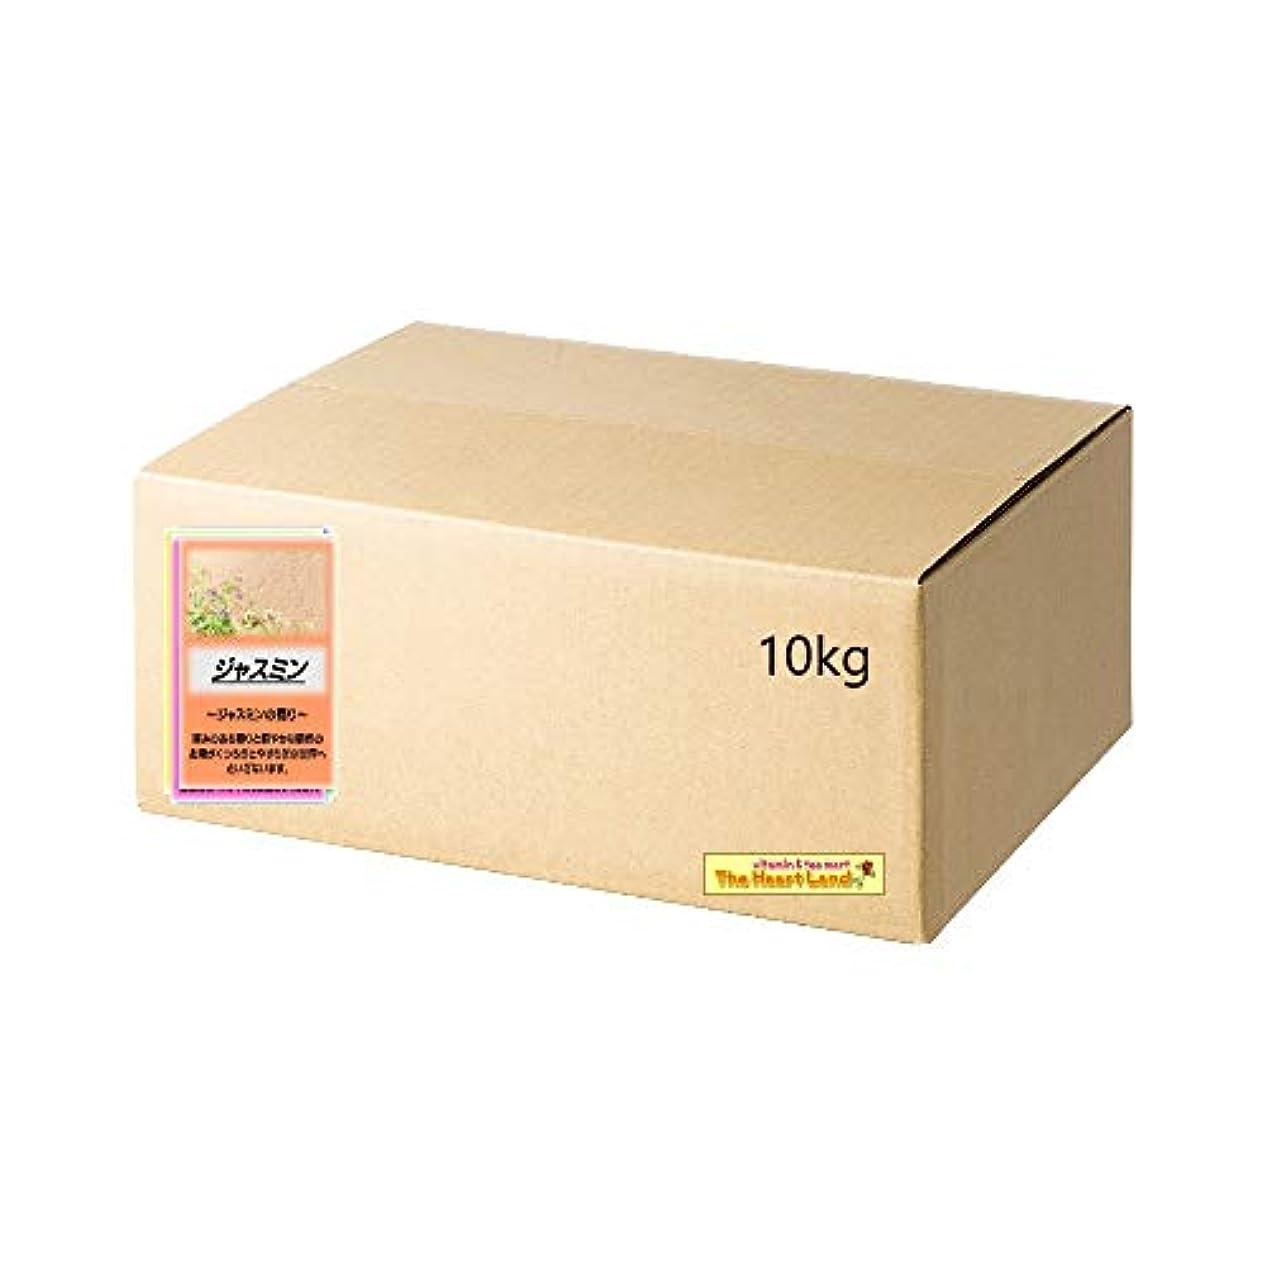 登録するオーナメント安価なアサヒ入浴剤 浴用入浴化粧品 ジャスミン 10kg